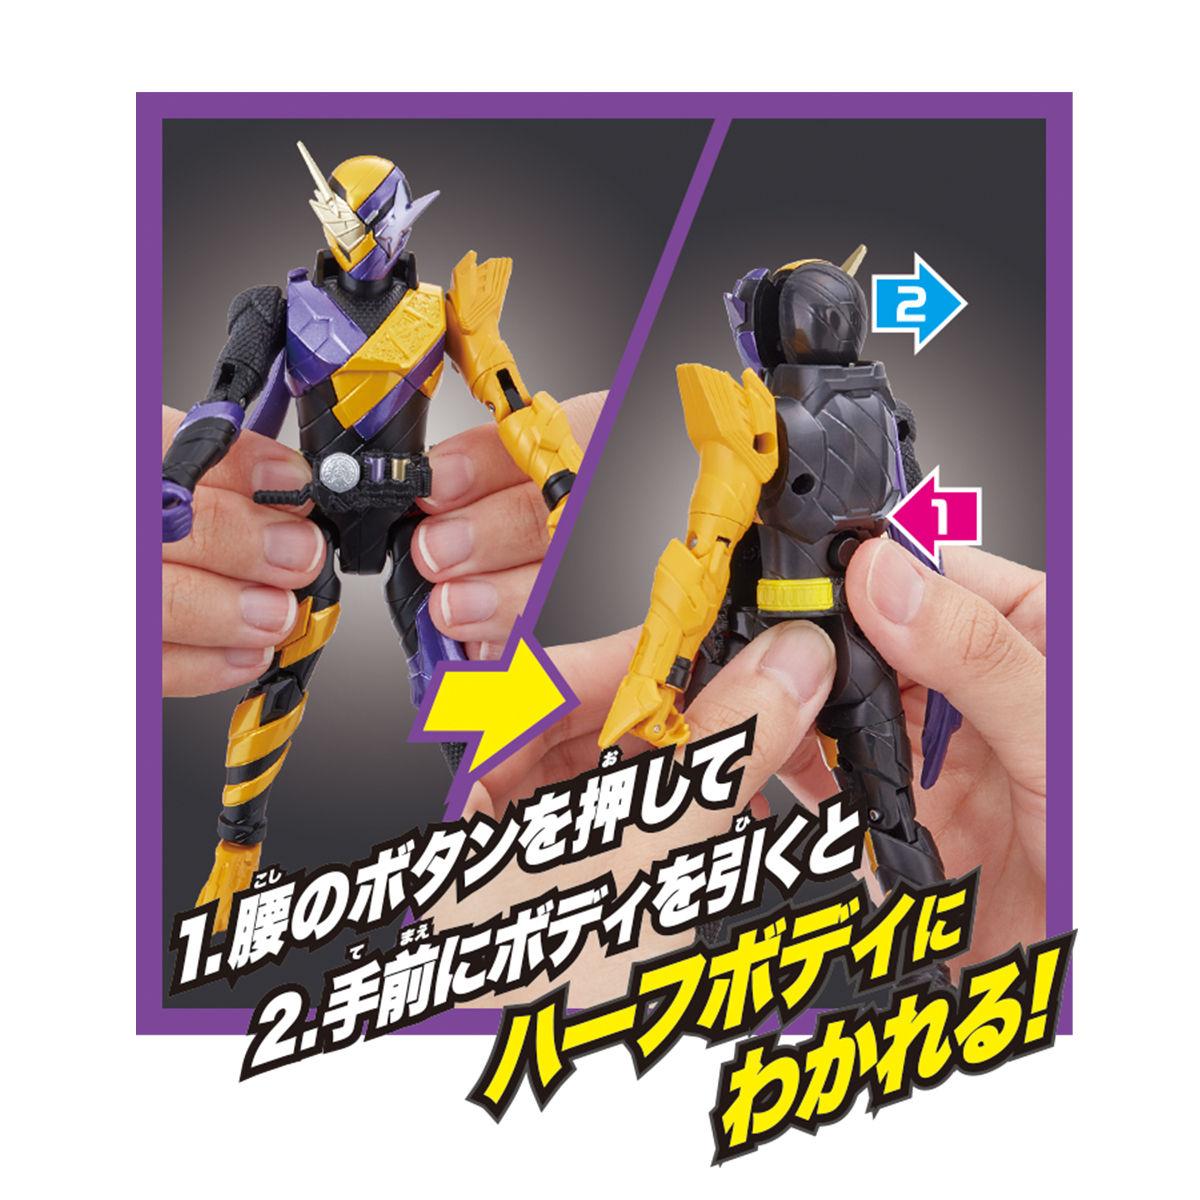 ボトルチェンジライダーシリーズ 04仮面ライダービルド ニンニンコミックフォーム